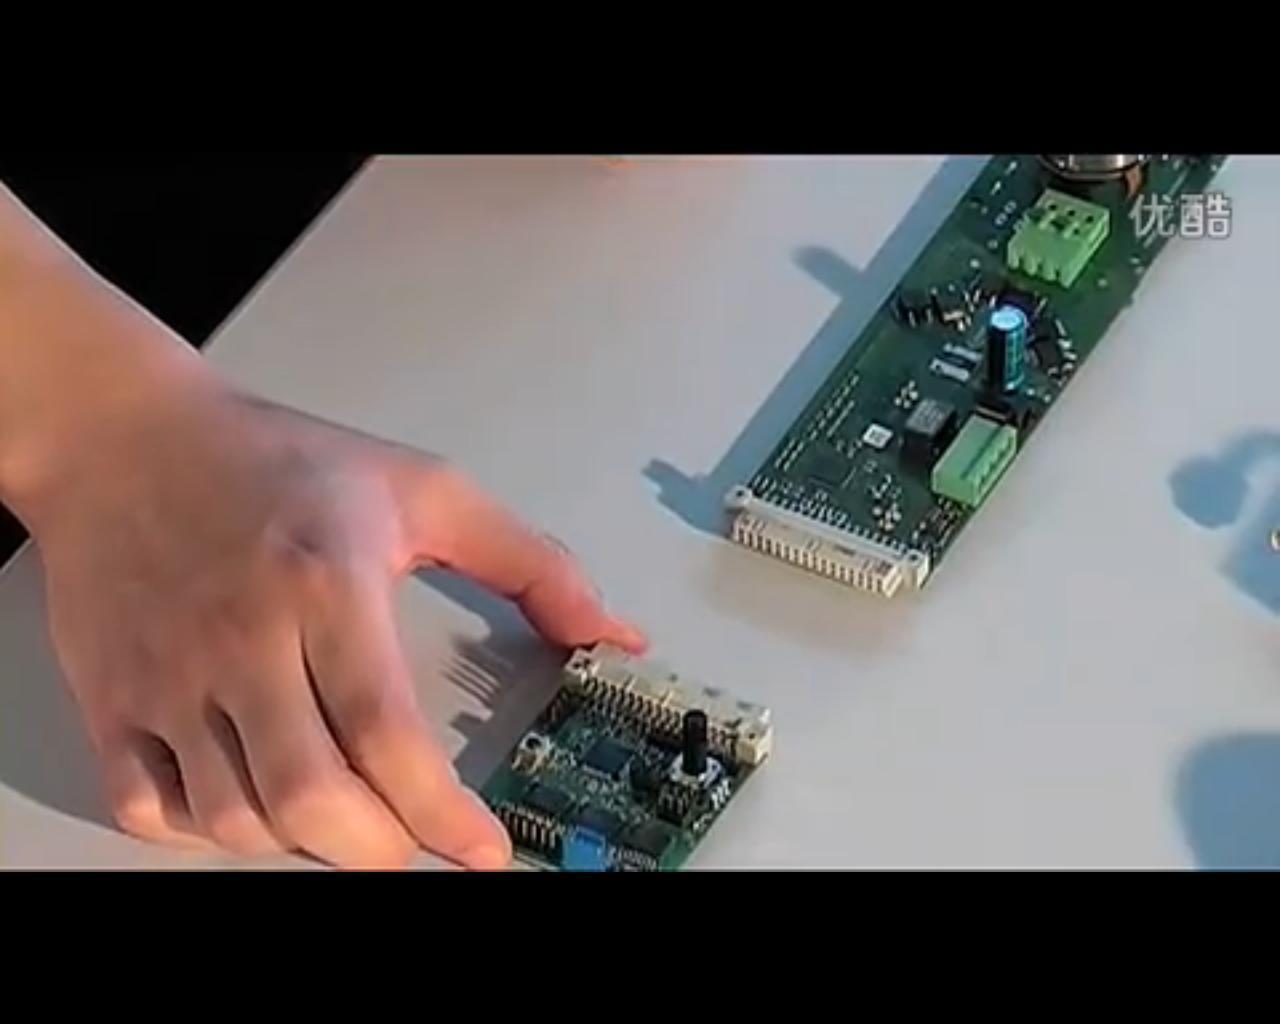 关于英飞凌汽车BLDC电机驱动套件演示视频